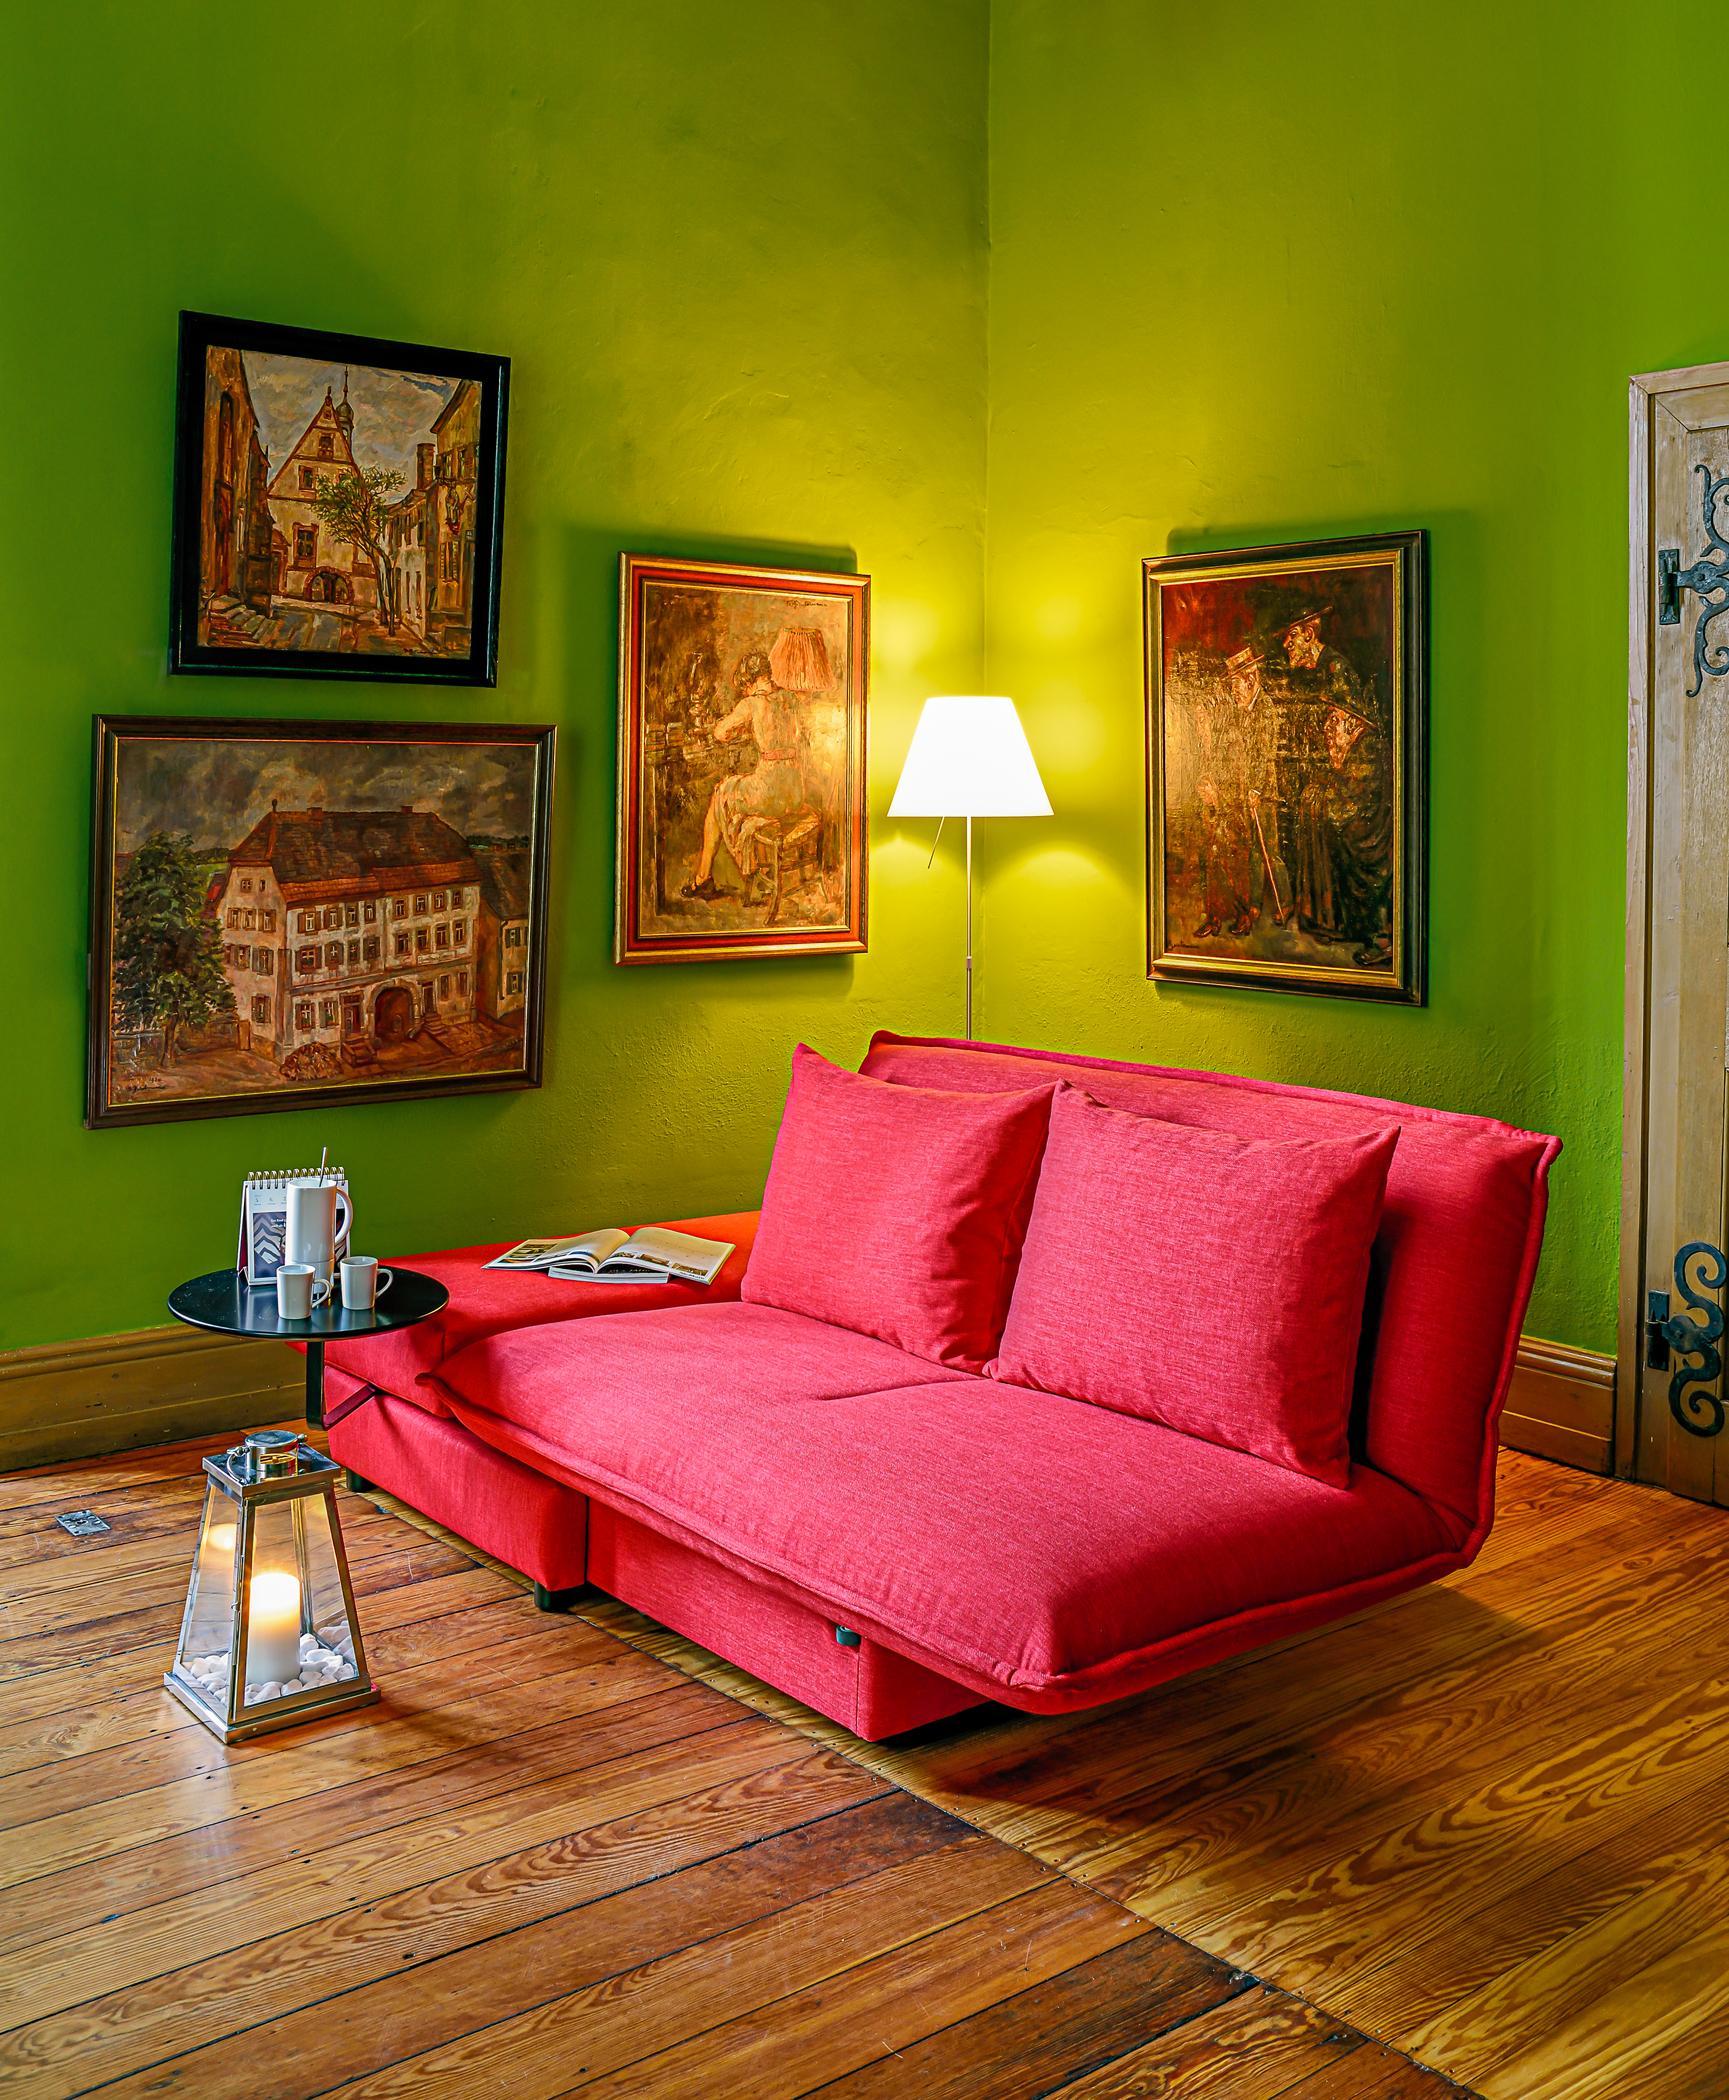 Schlafsofa In Rot Beistelltisch Wohnzimmer Stehlampe Sofa Lampe Rotessofa